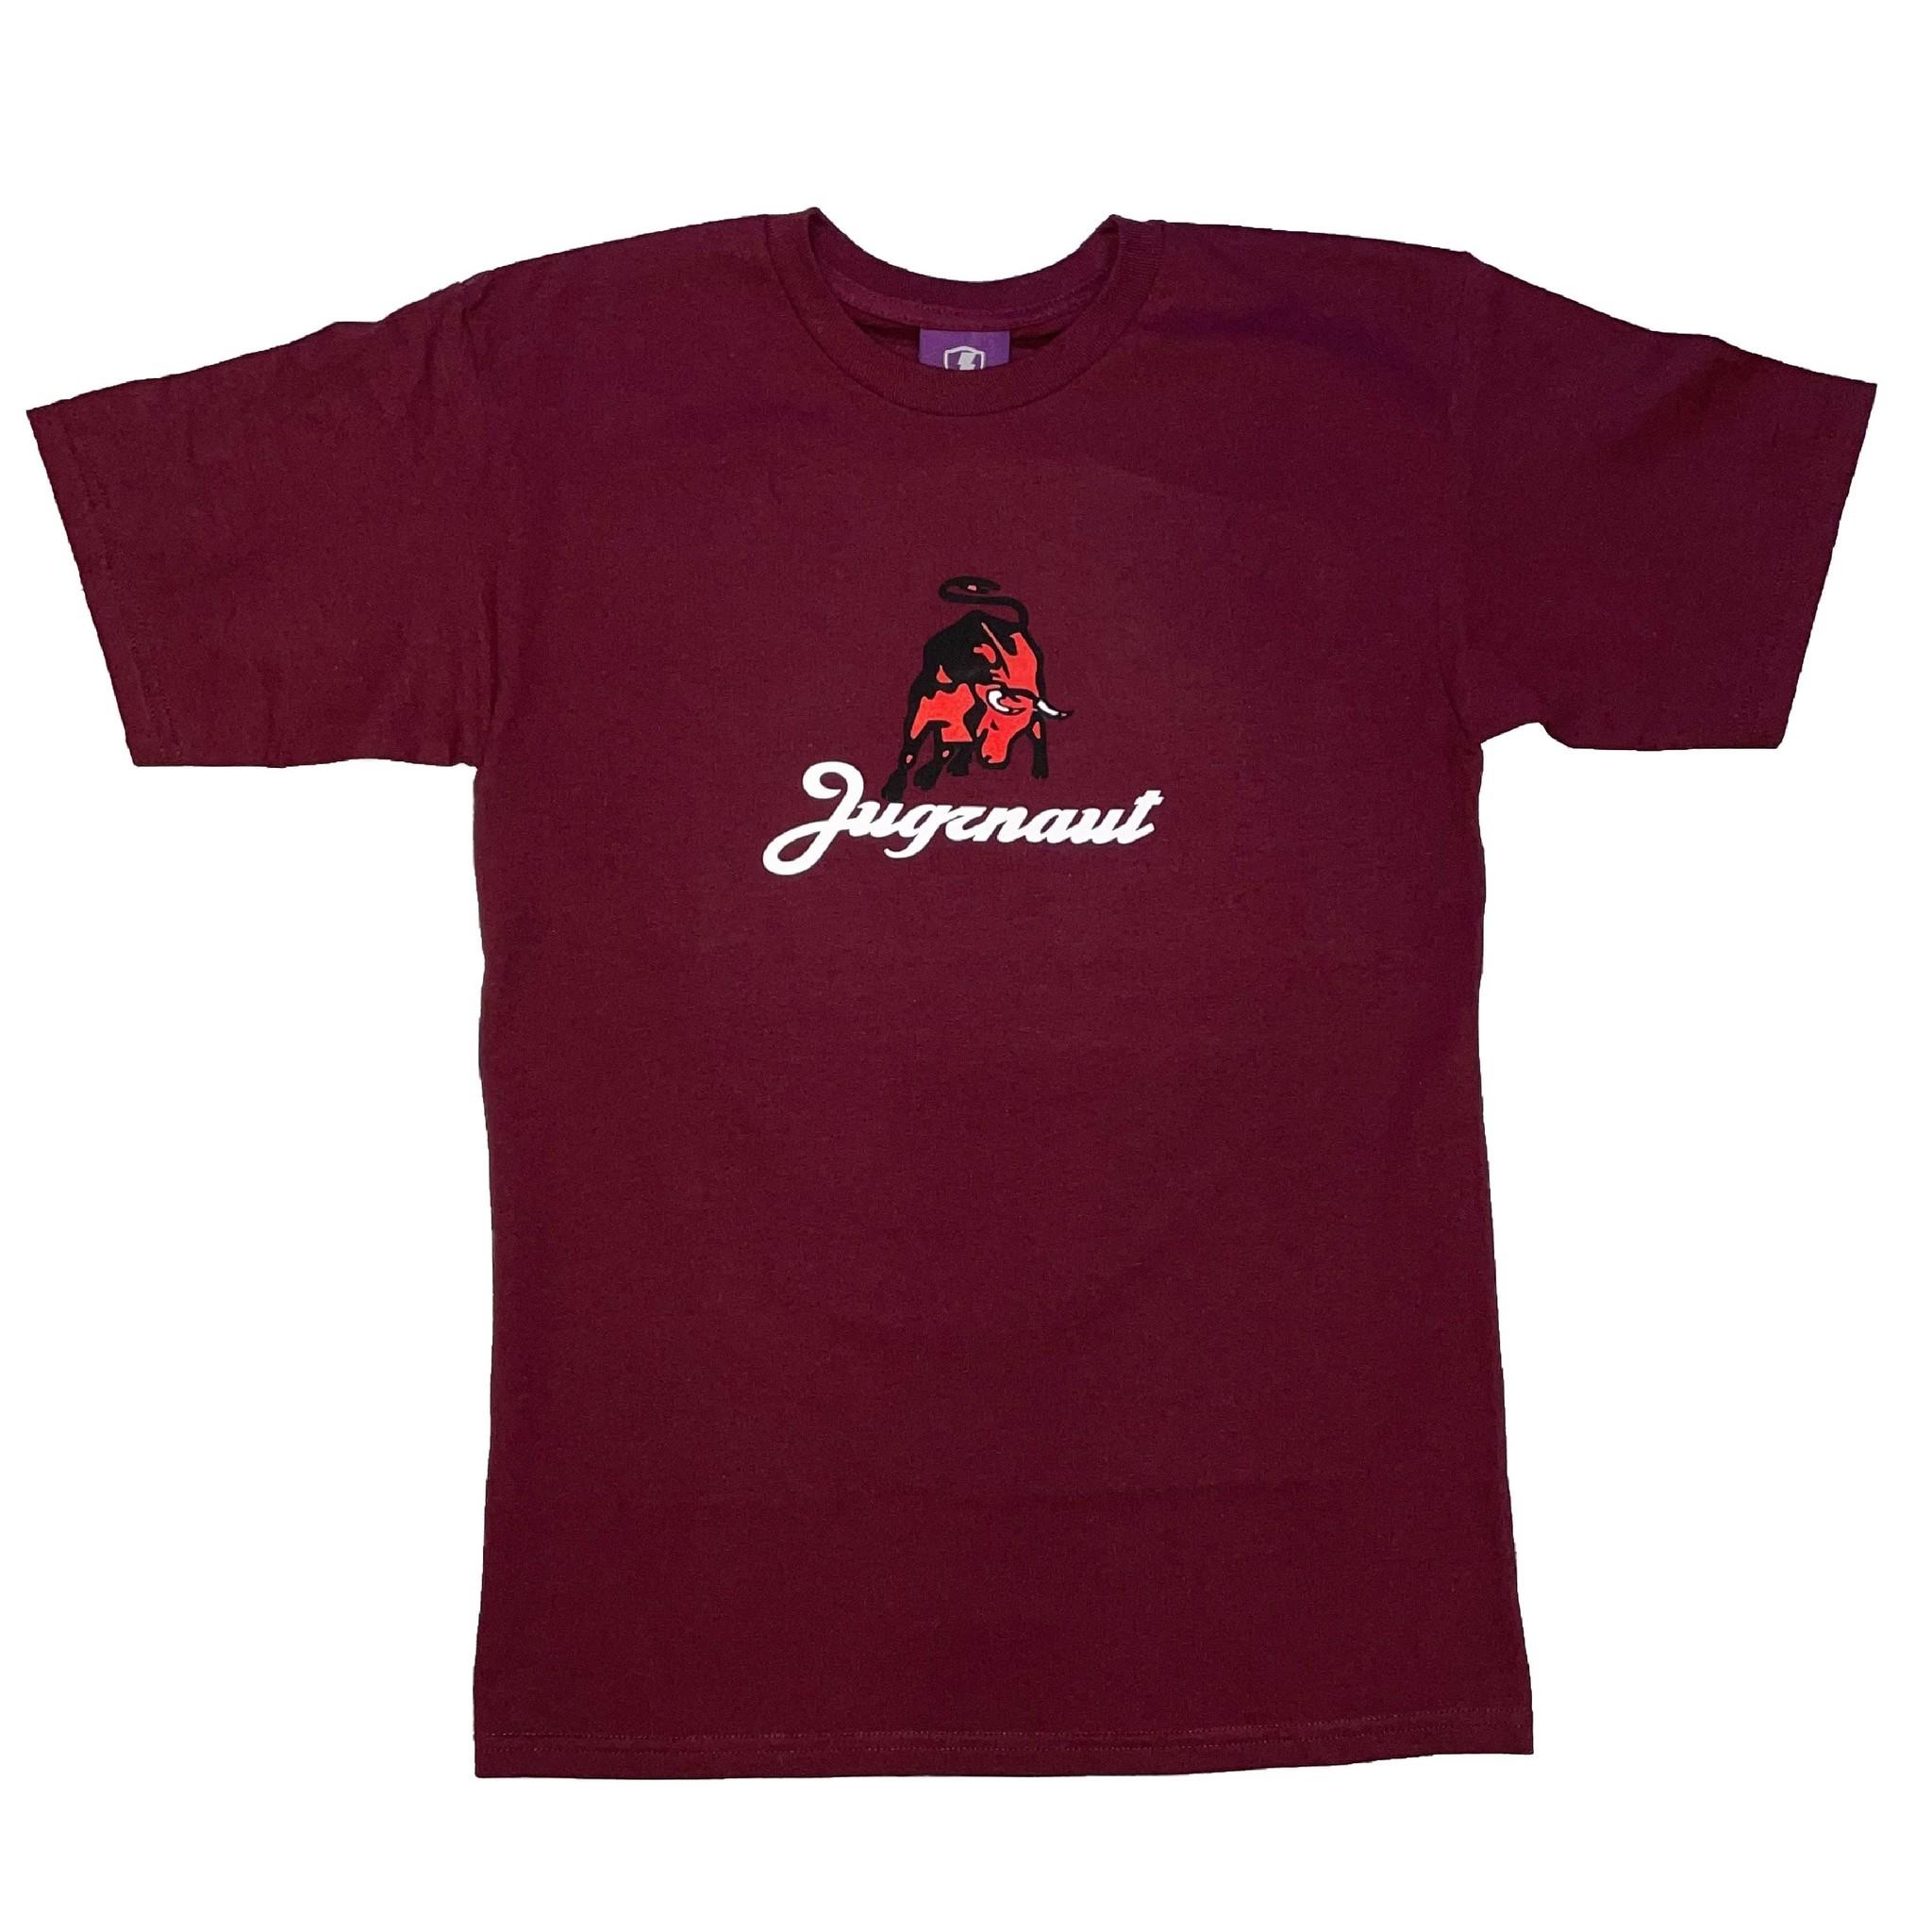 Jugrnaut Jugrnaut Lamborghini Tee  Burgundy